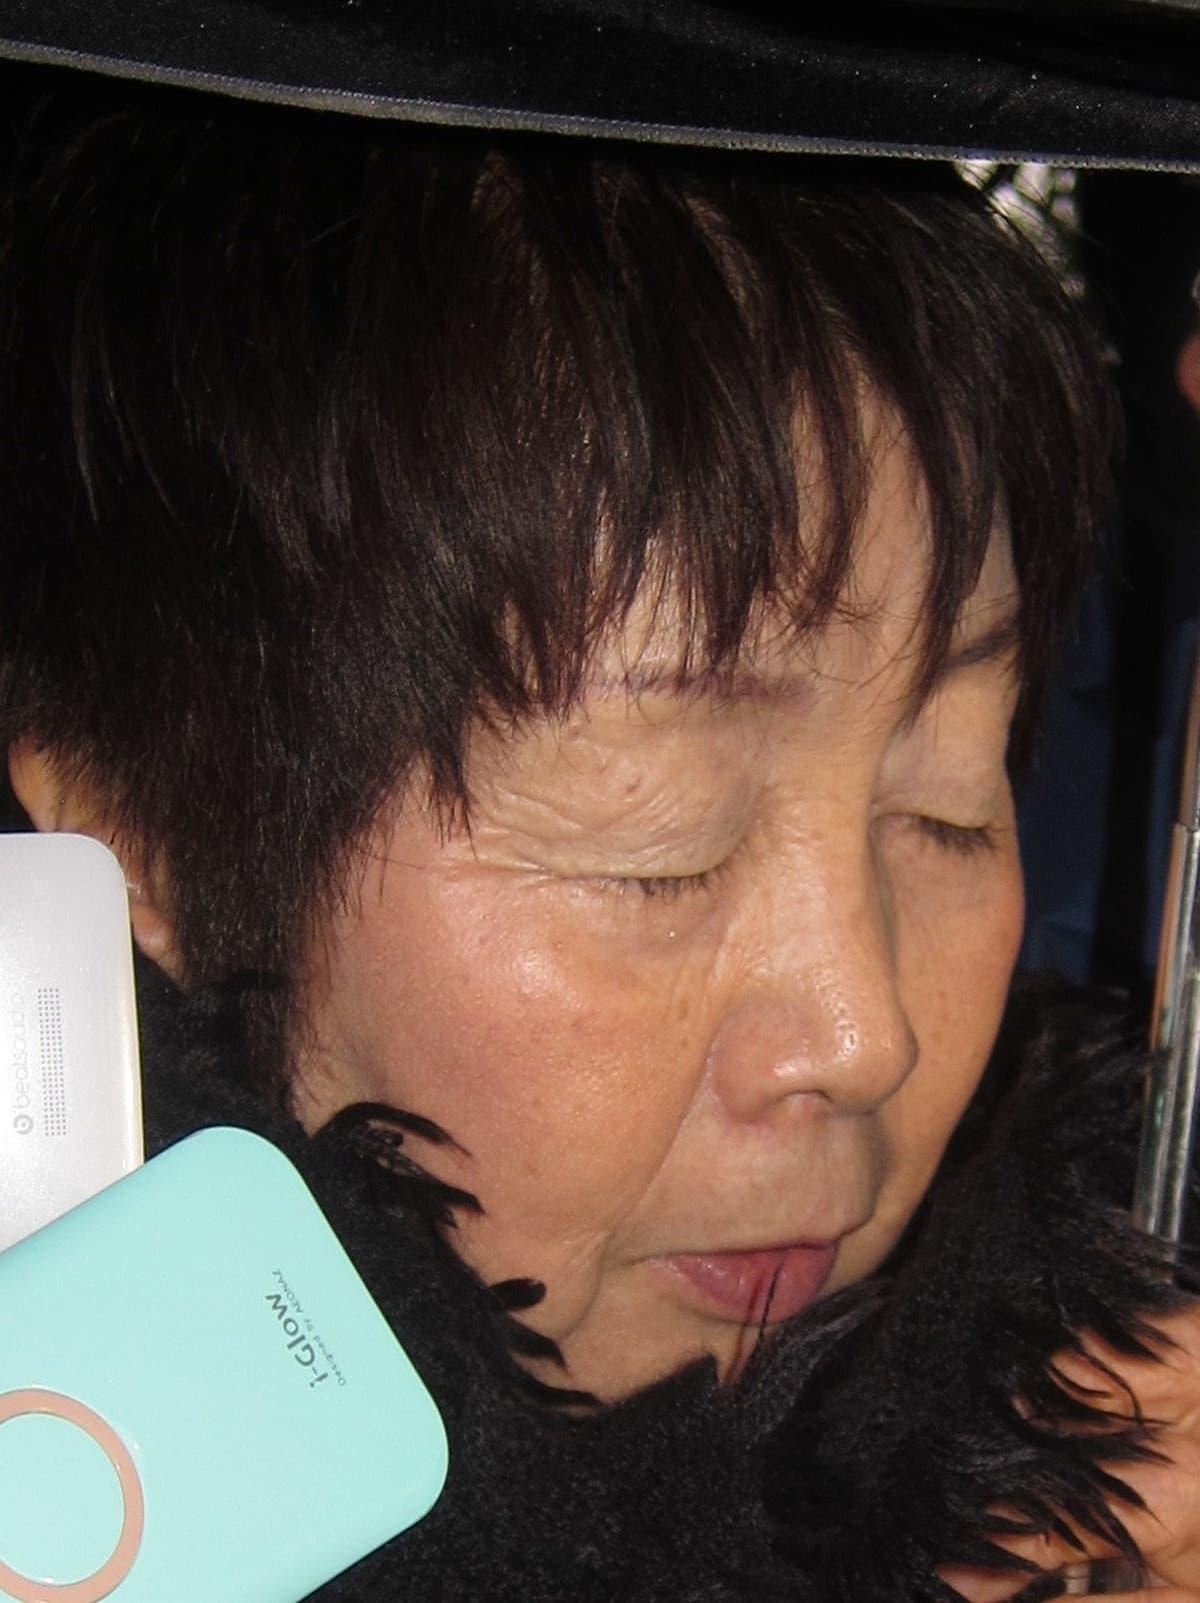 Japan's 'Black Widow' serial killer loses appeal against death sentence